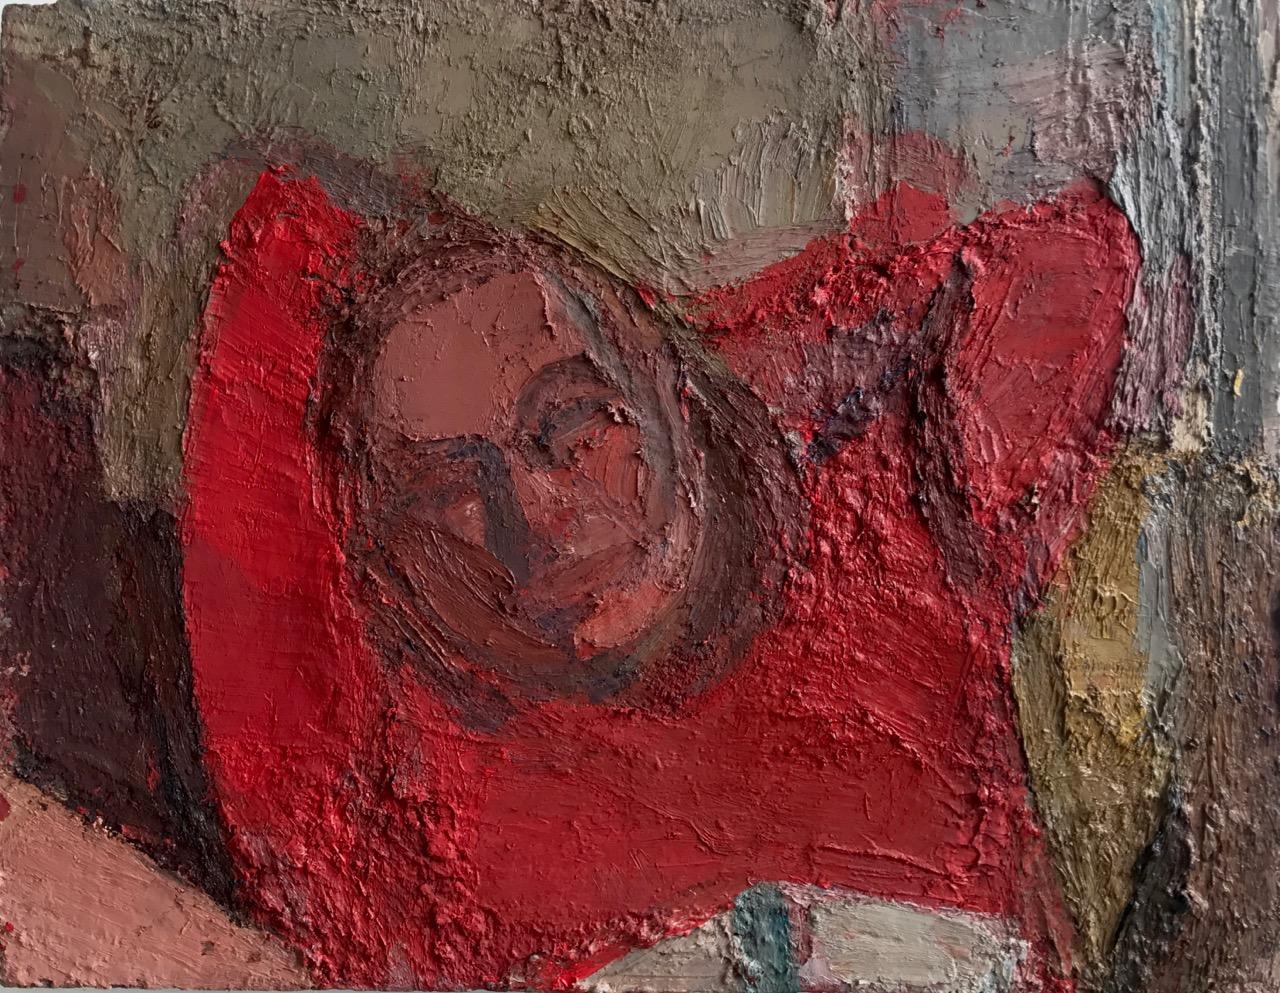 """John Dubrow, Red Shirt, Evening. 2015-17, 28 x 36"""", oil on linen"""